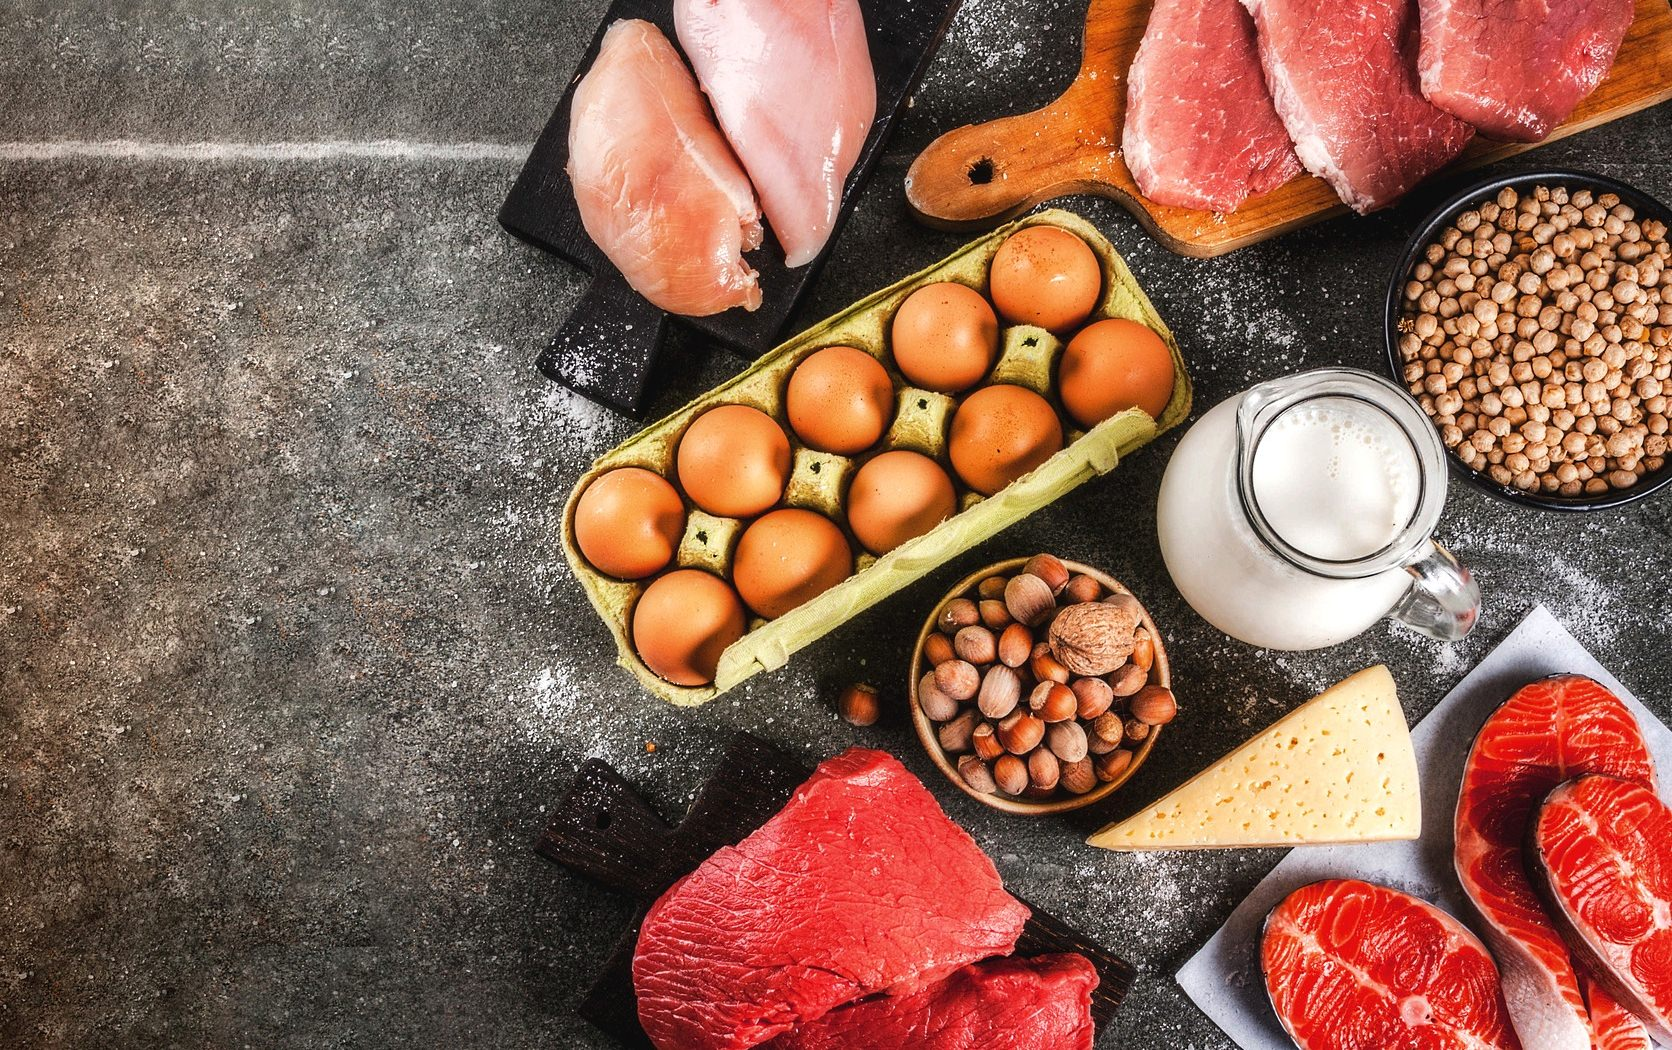 hoeveel eiwitten per maaltijd